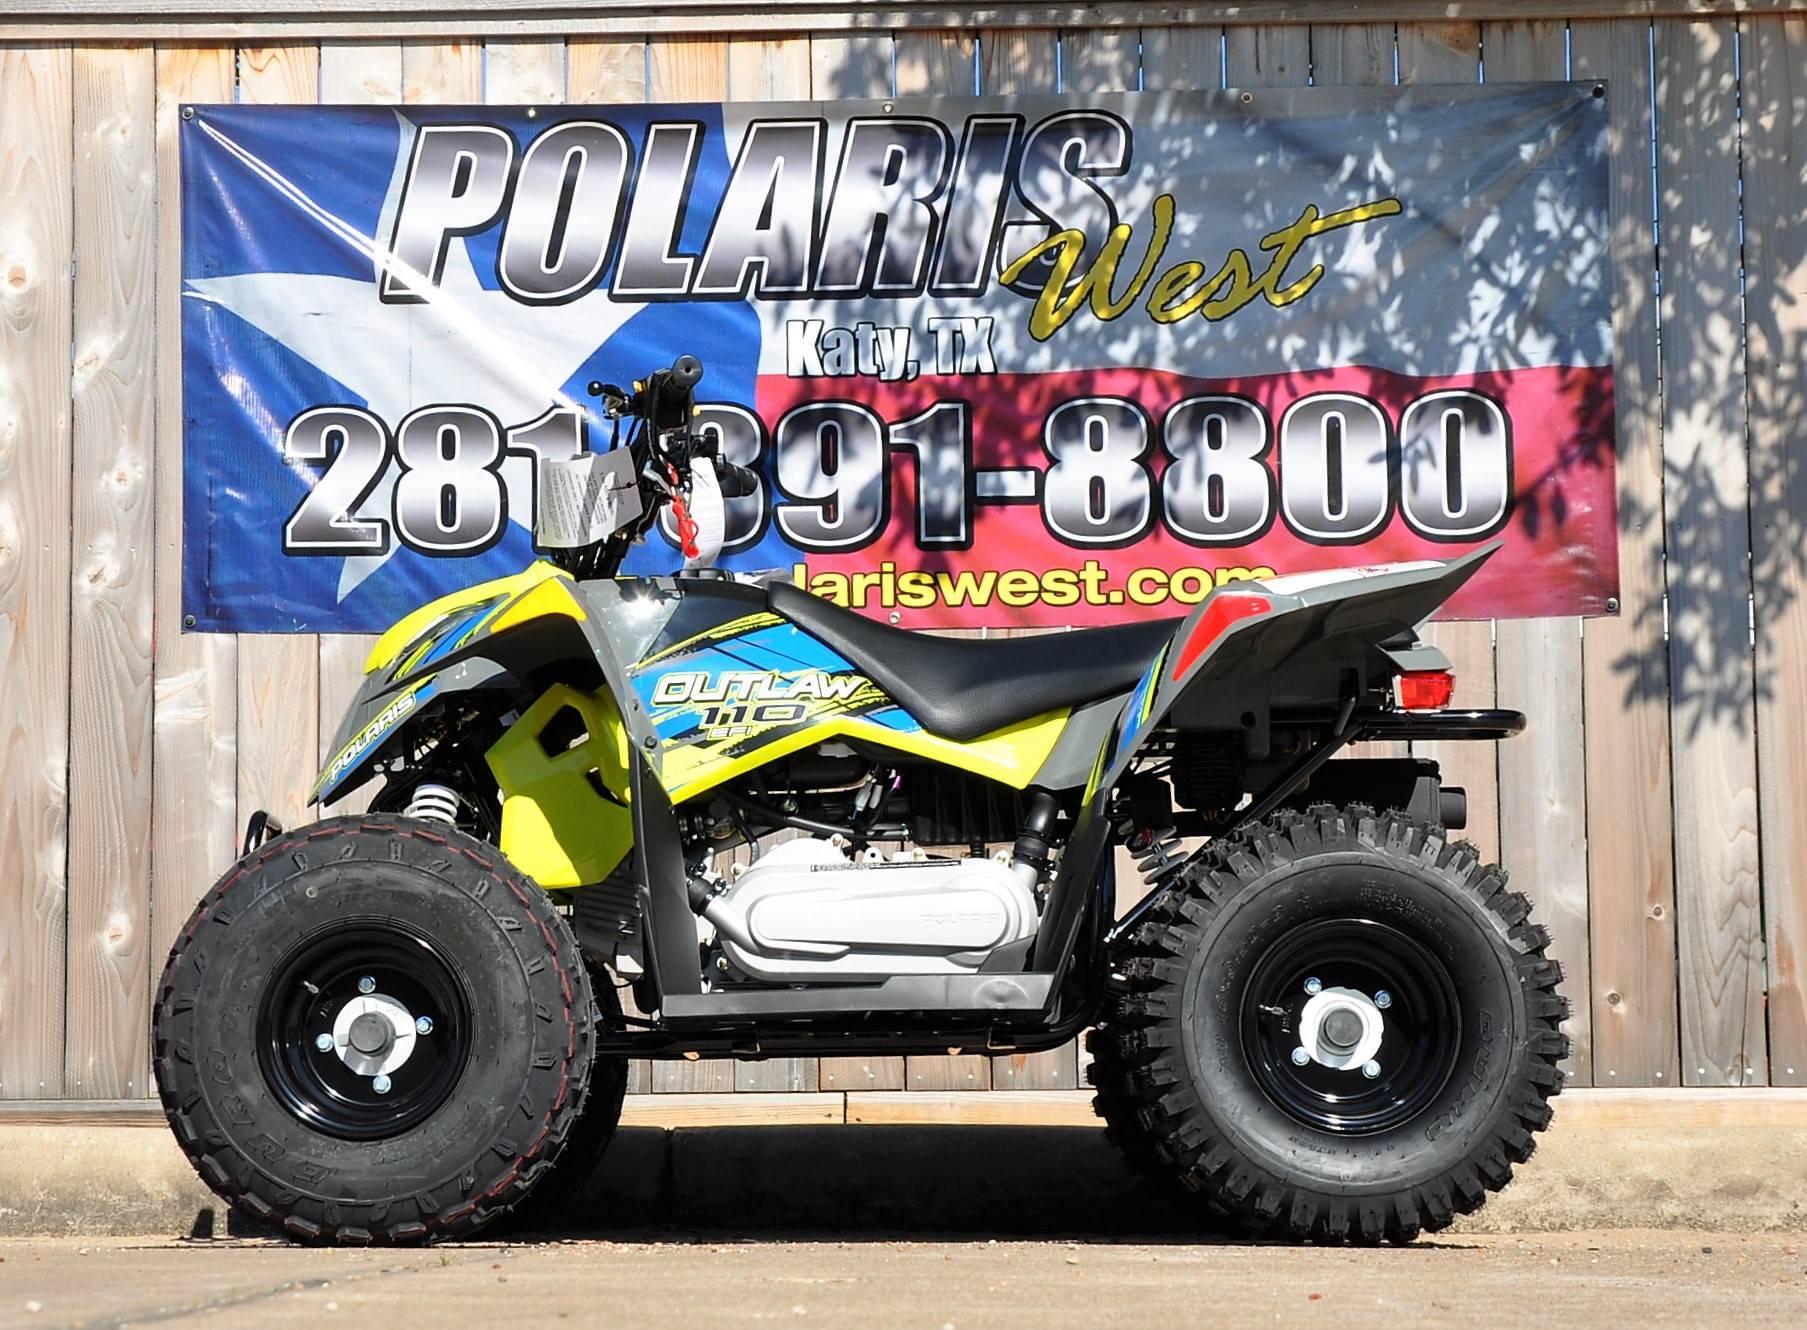 2017 Polaris Outlaw 110 1